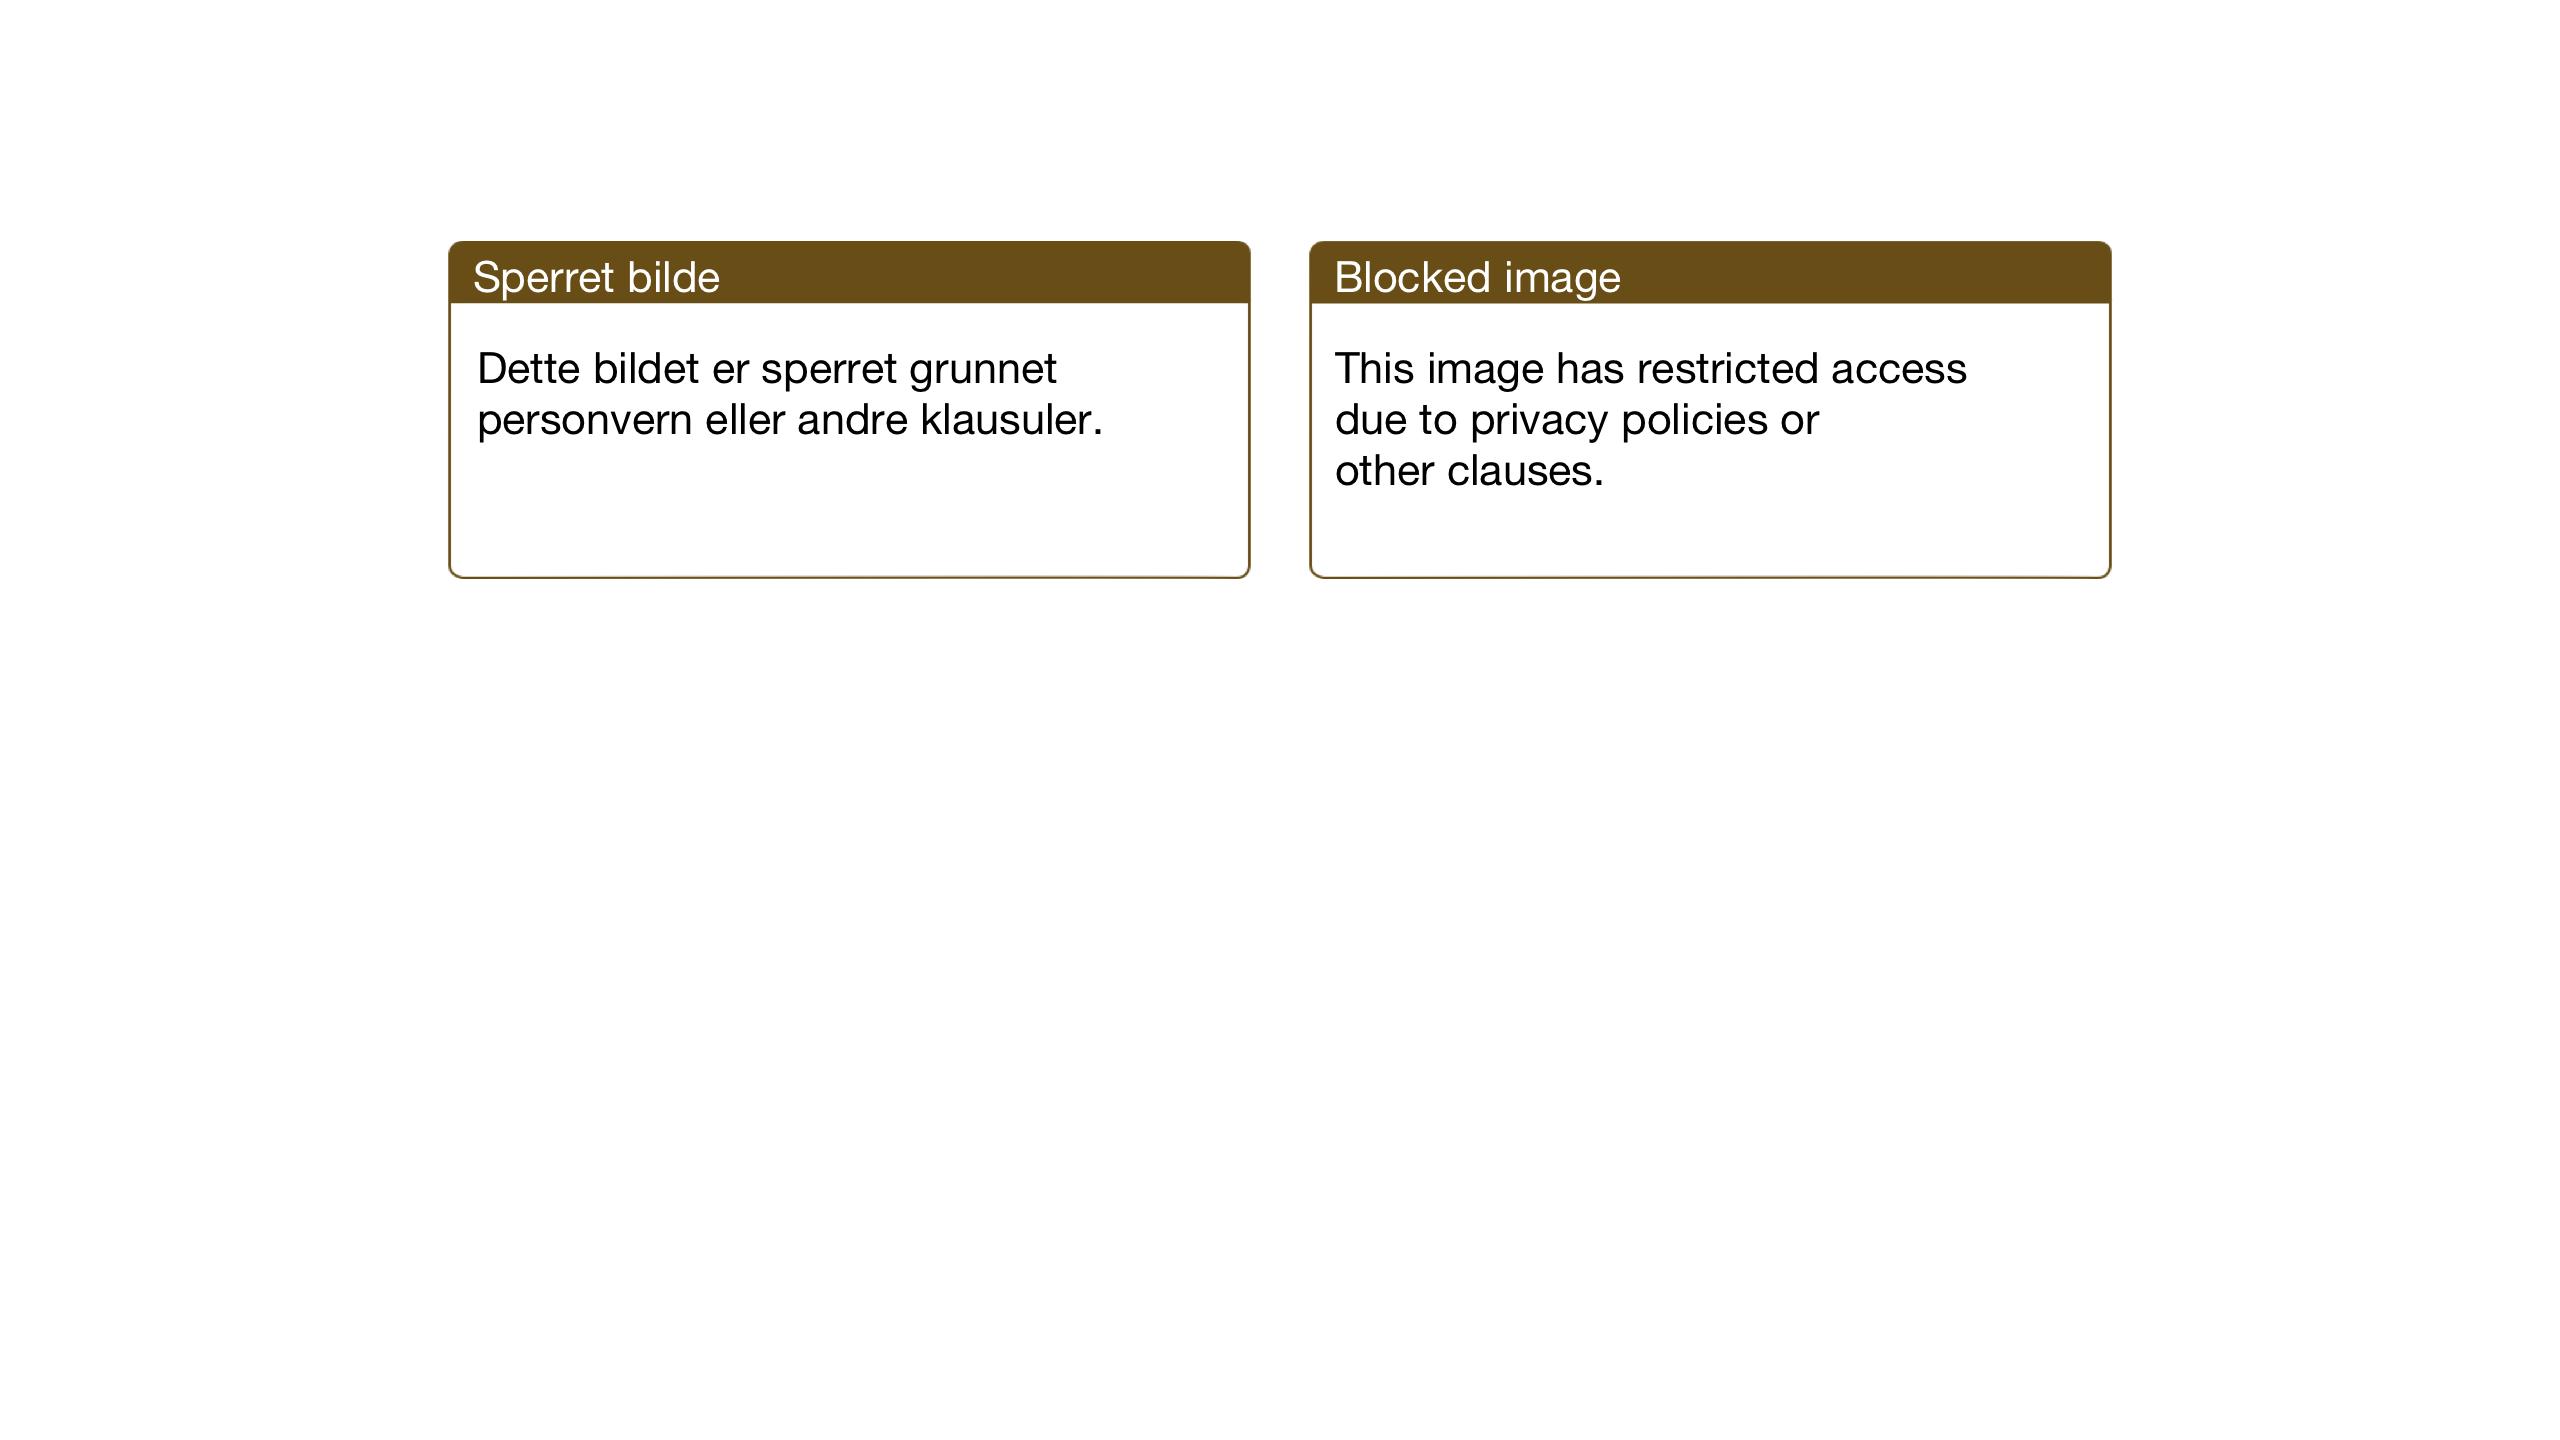 SAT, Ministerialprotokoller, klokkerbøker og fødselsregistre - Sør-Trøndelag, 662/L0758: Klokkerbok nr. 662C03, 1918-1948, s. 160